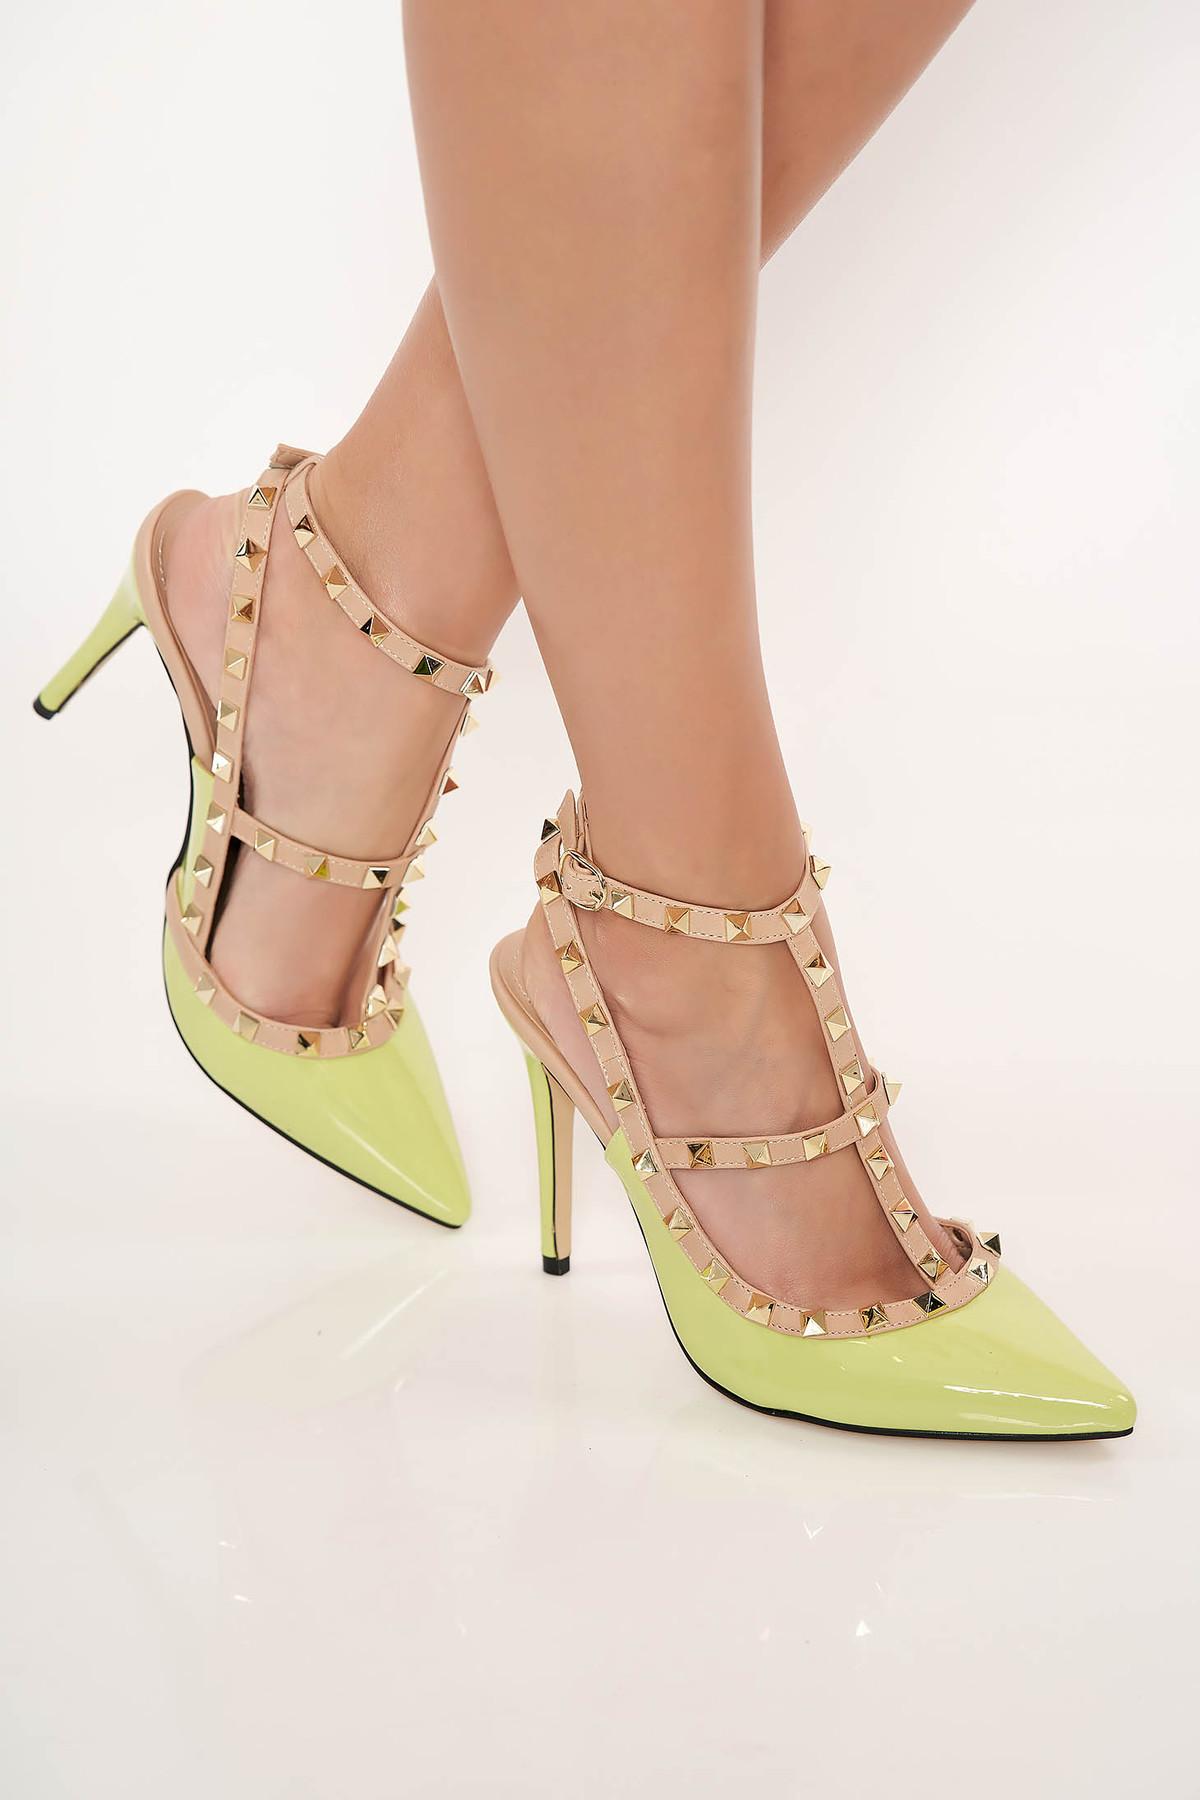 Pantofi stiletto verde-deschis cu toc inalt din piele ecologica lacuita cu tinte metalice